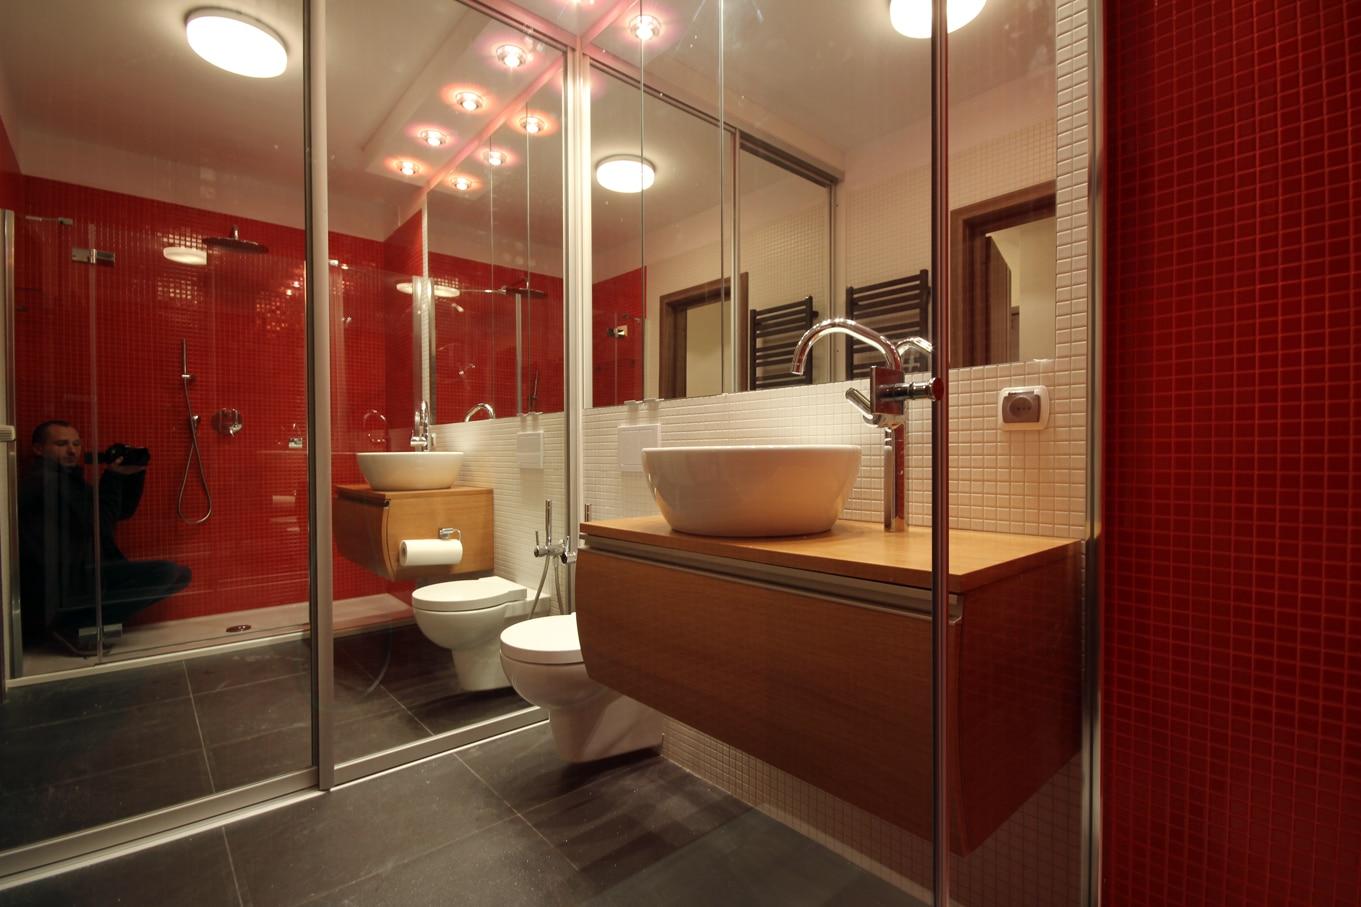 Urządzamy łazienkę Jaki Wybrać Kolor Płytek Deko Radypl